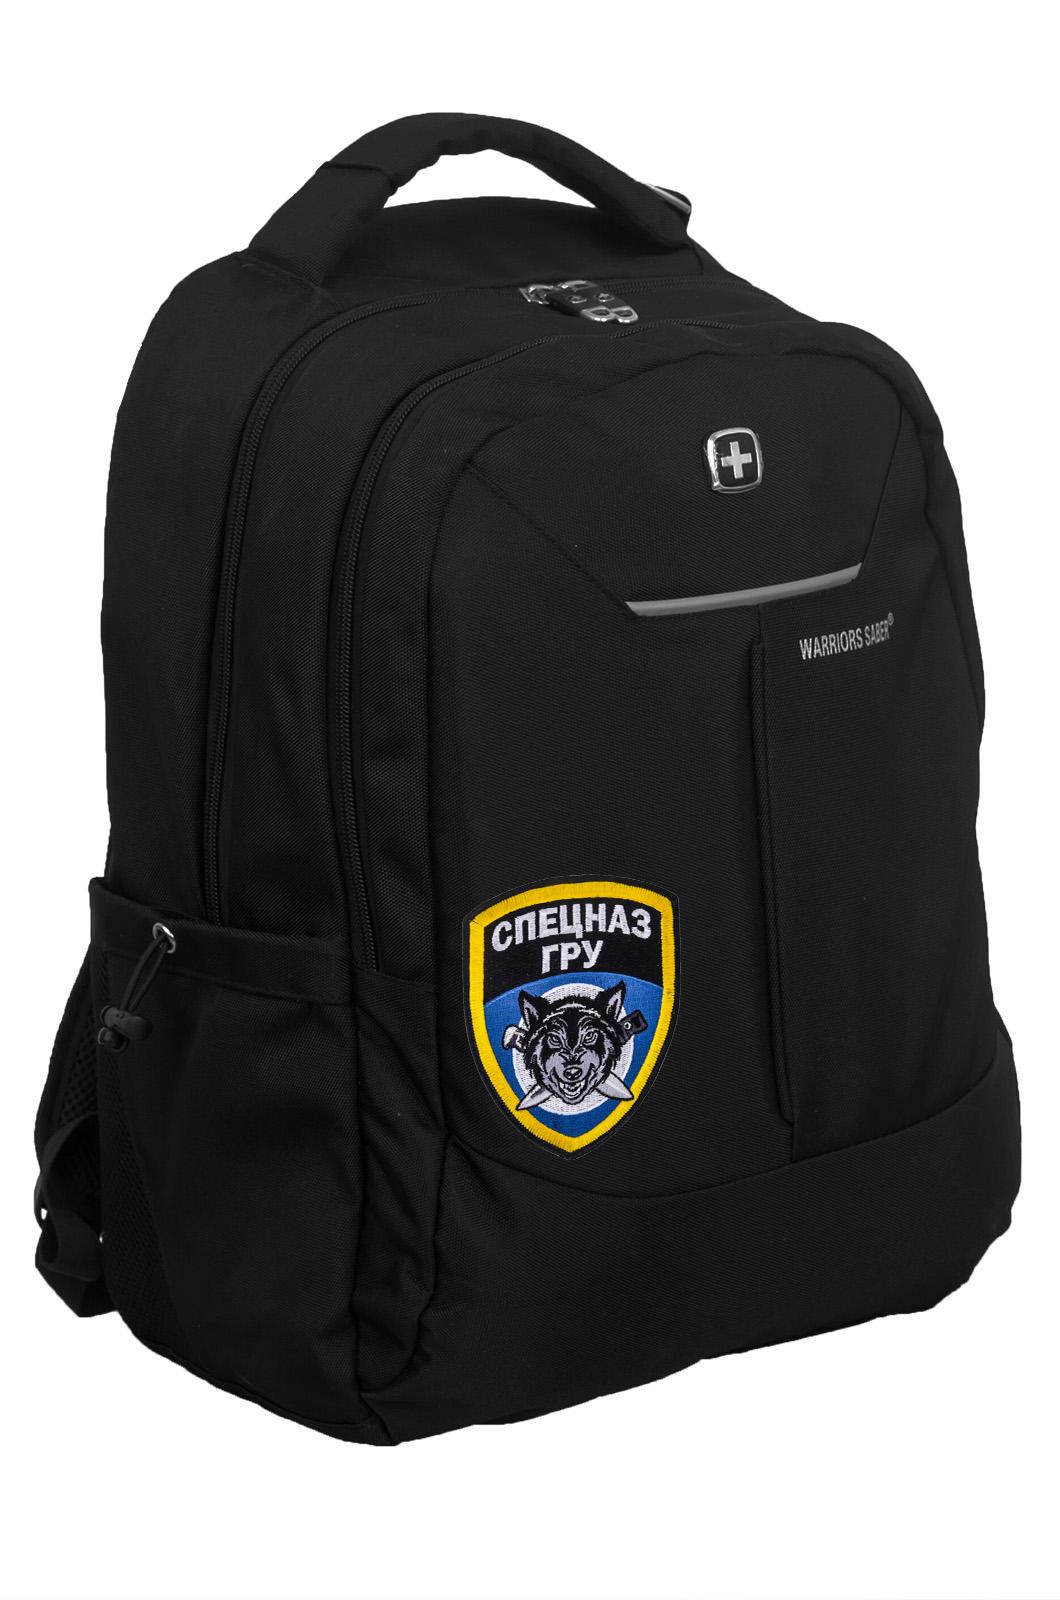 Купить черный мужской рюкзак с вышивкой спецназа ГРУ